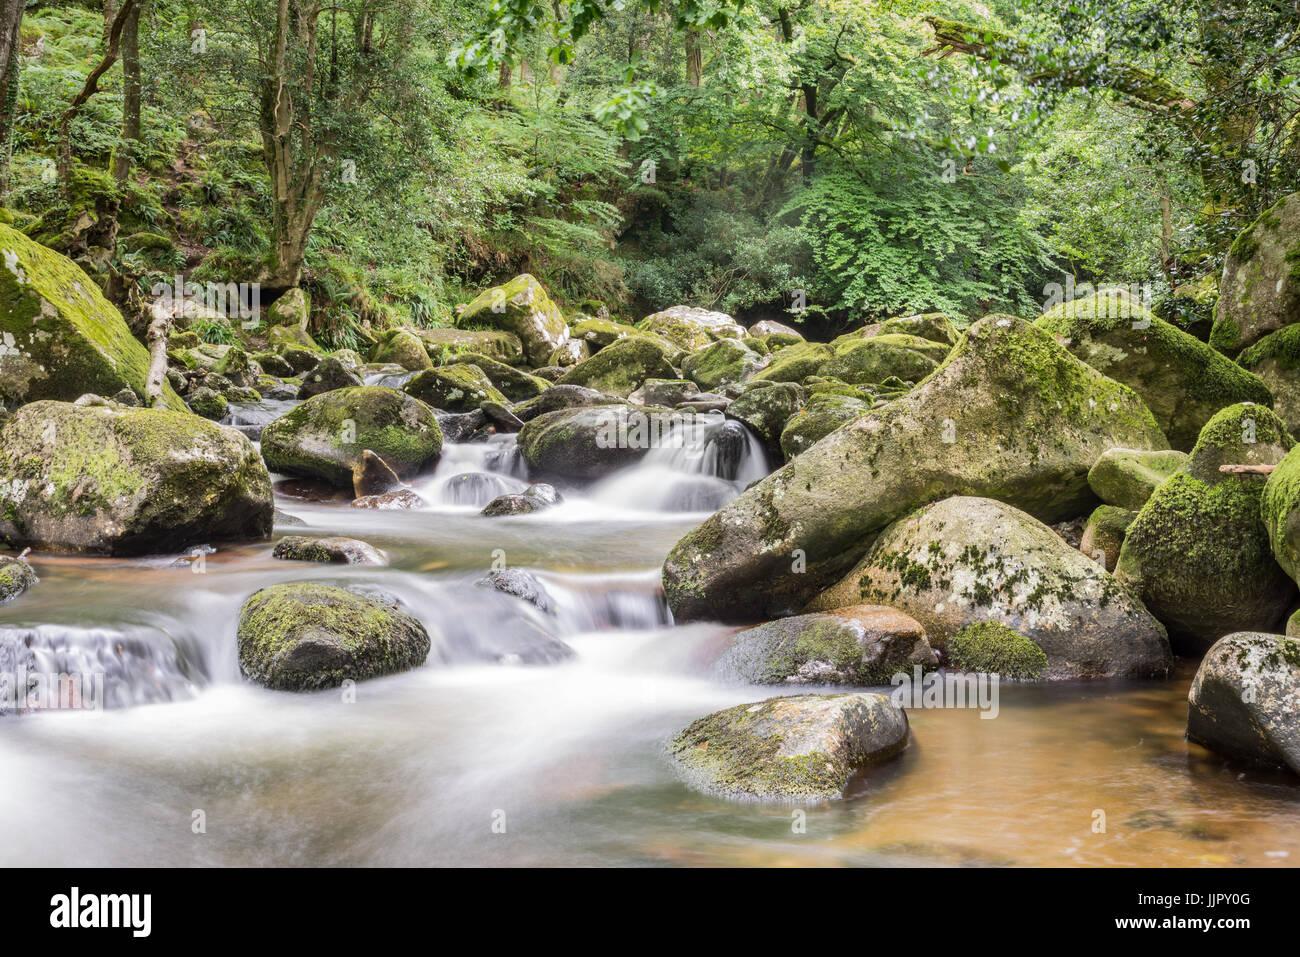 La larga exposición foto del río Plym en Devon Imagen De Stock